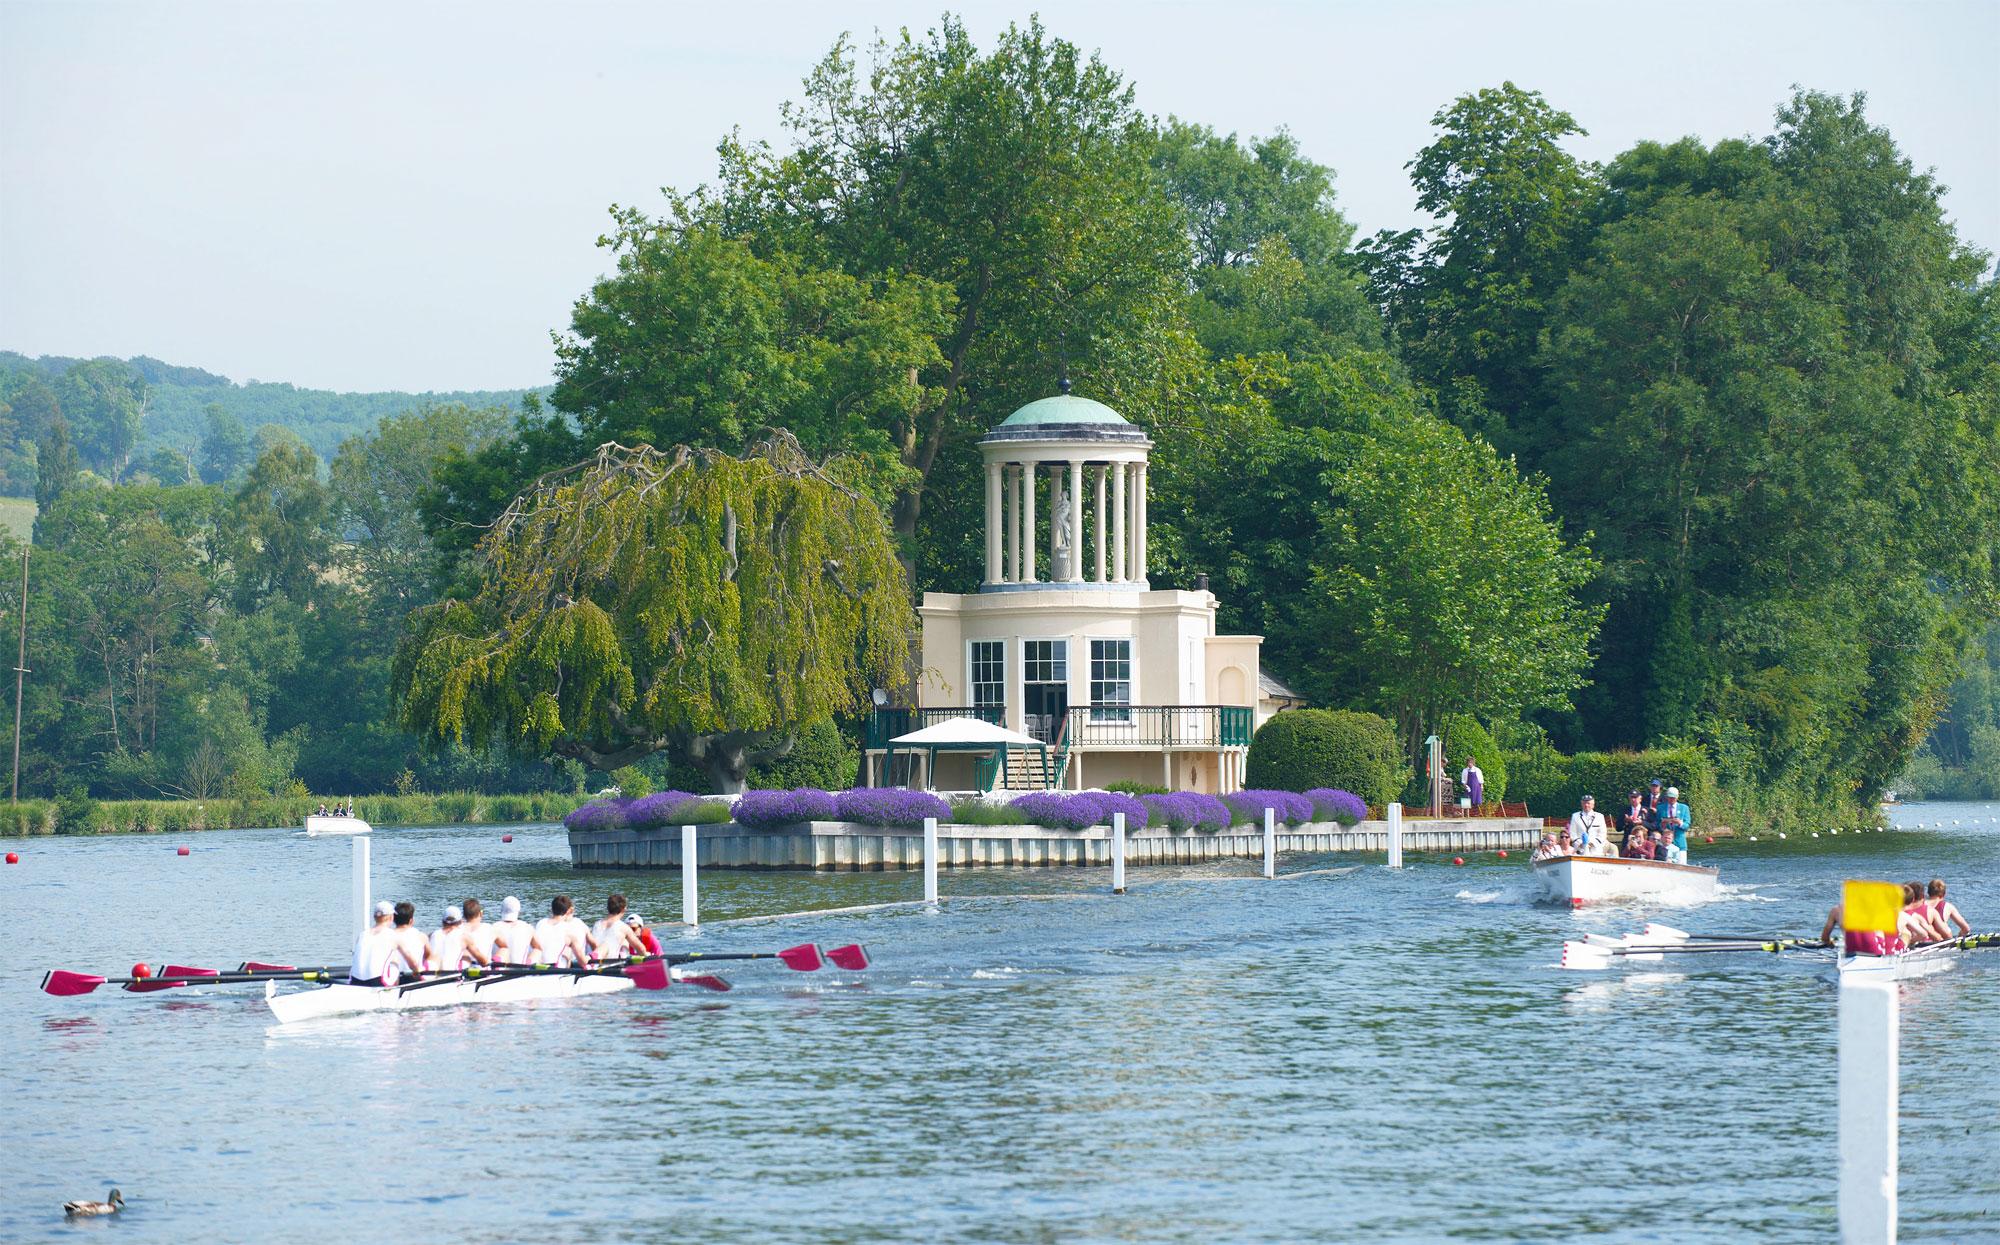 Luxurious Magazine Enjoys Henley Royal Regatta With China White 5